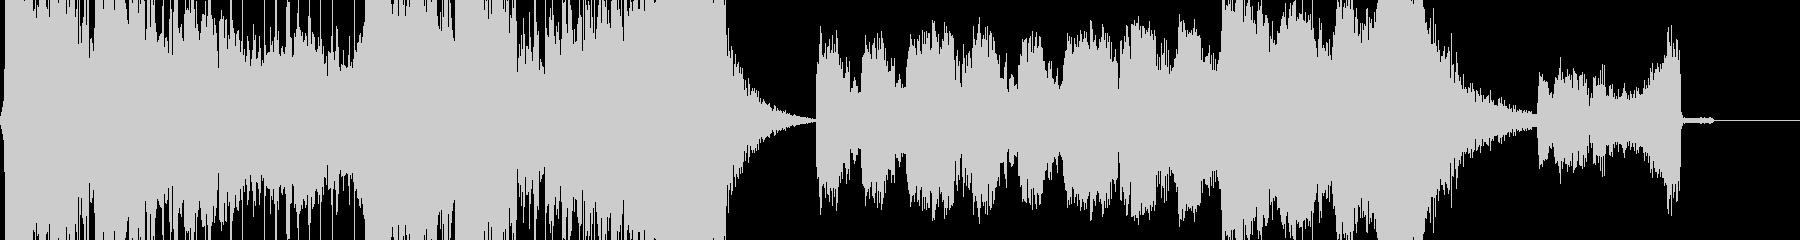 巨大なドラムンベースのパーカッショ...の未再生の波形